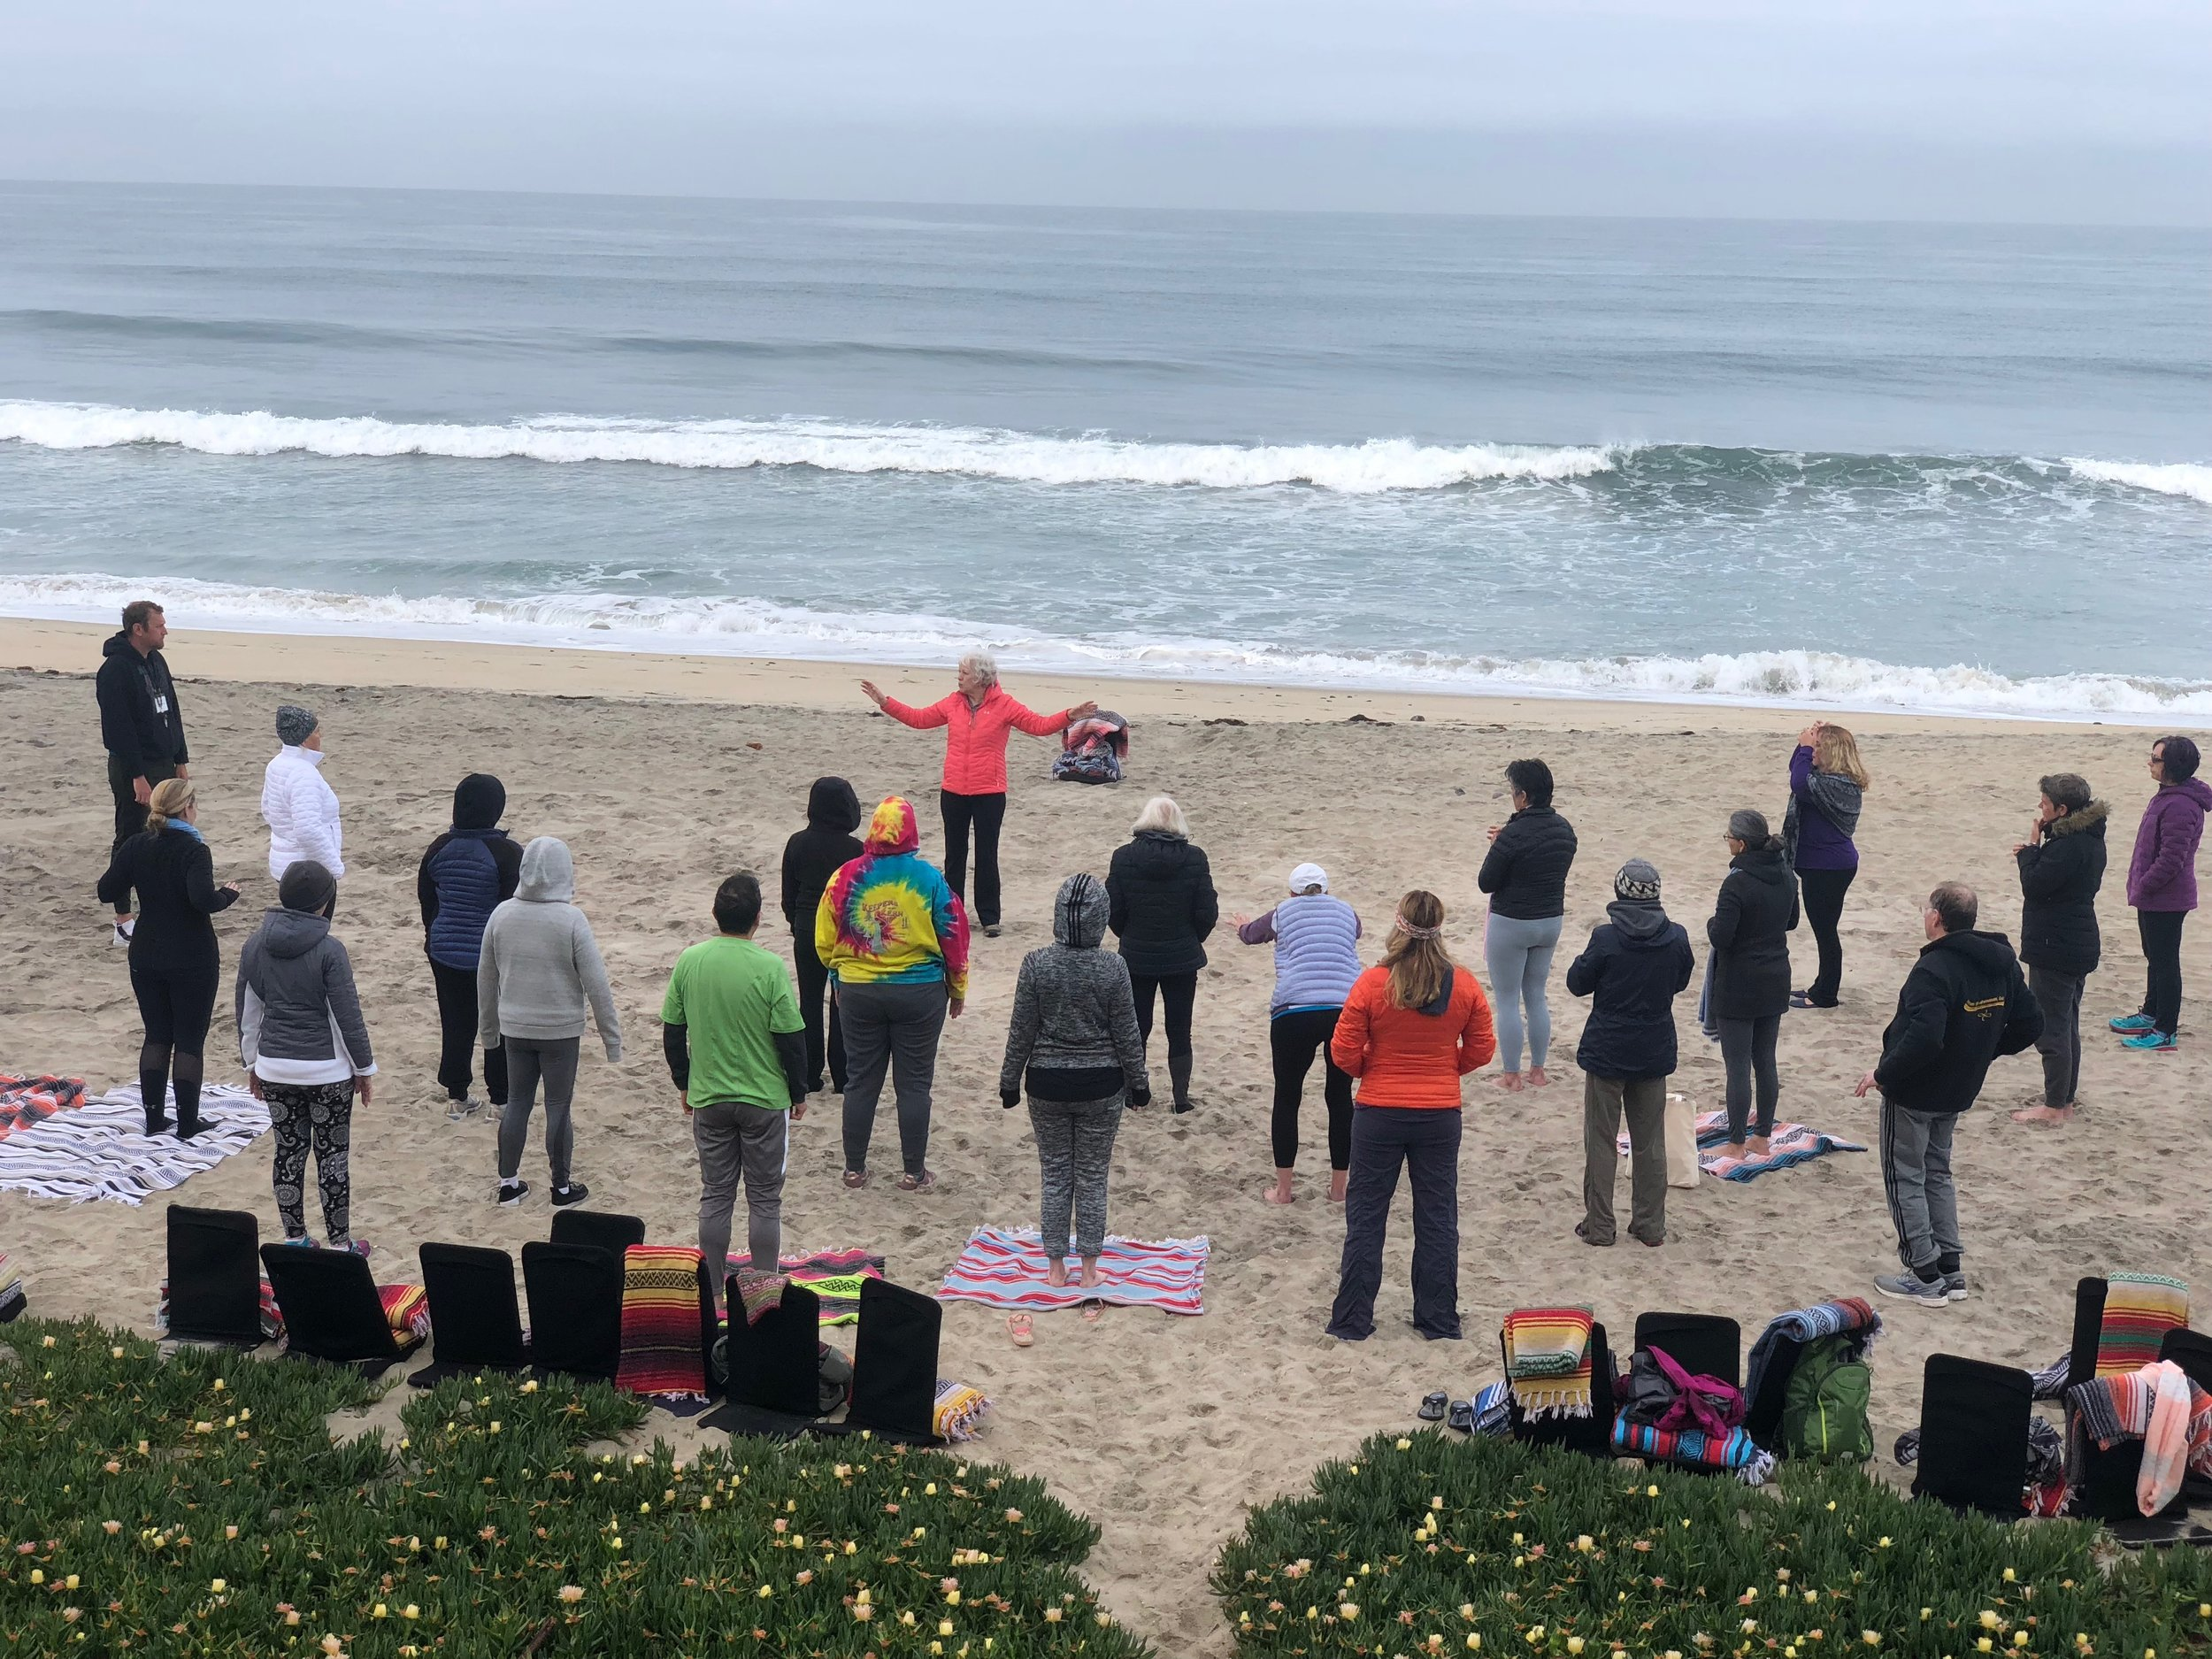 Qigong on the beach